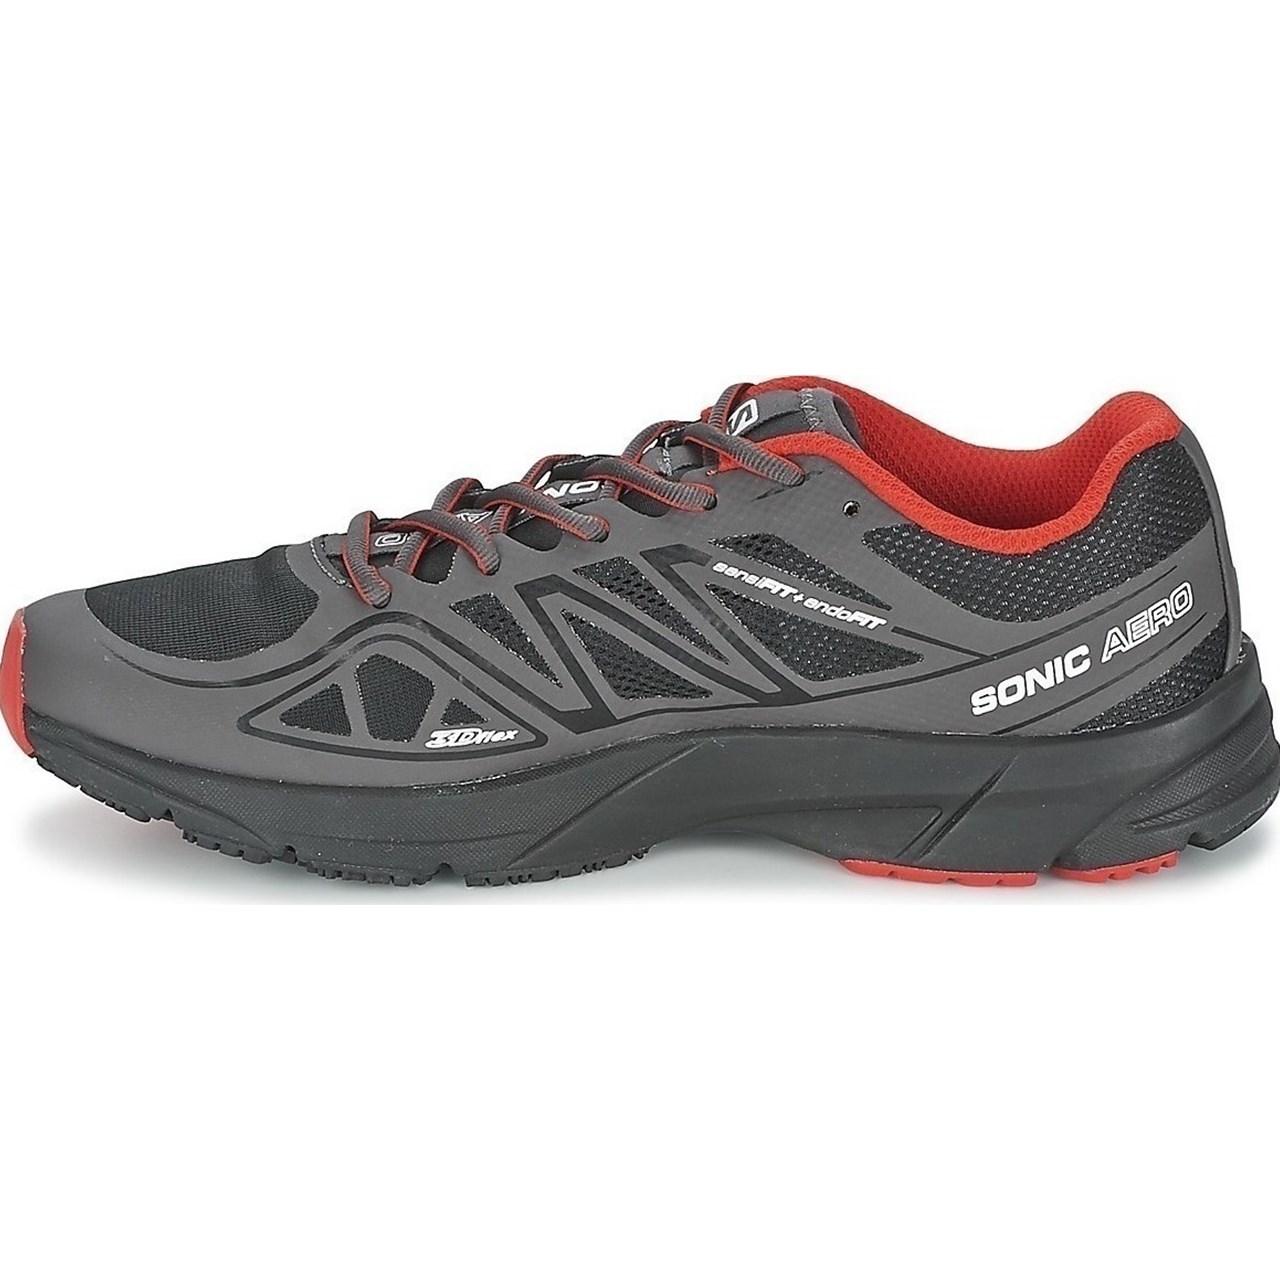 قیمت کفش مخصوص دویدن مردانه سالومون مدل Sonic Aero